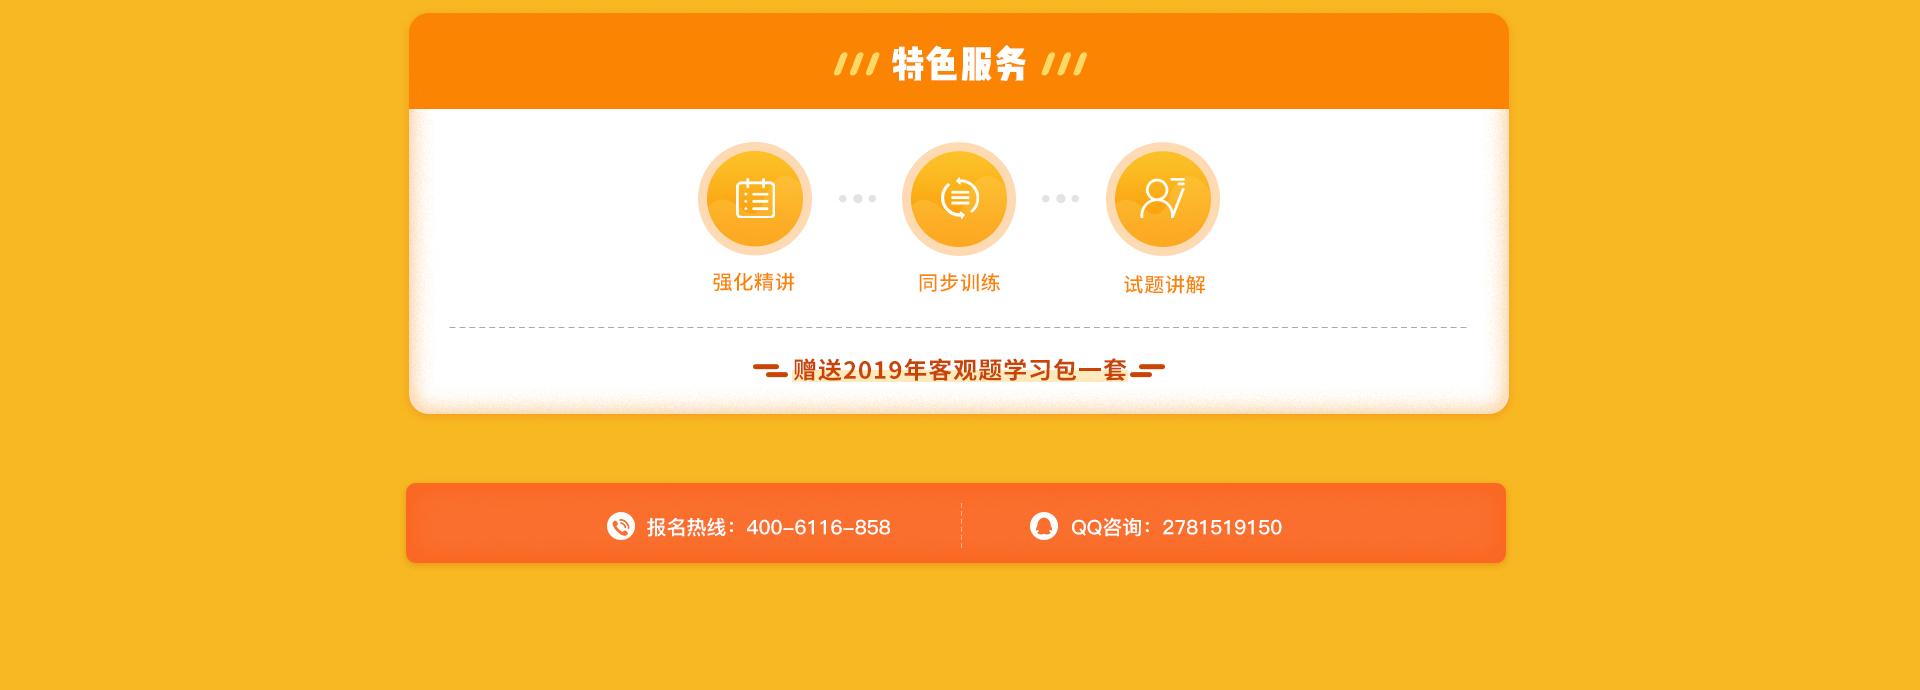 专题页面:北京集训班+大学生暑期班1920x_07.jpg